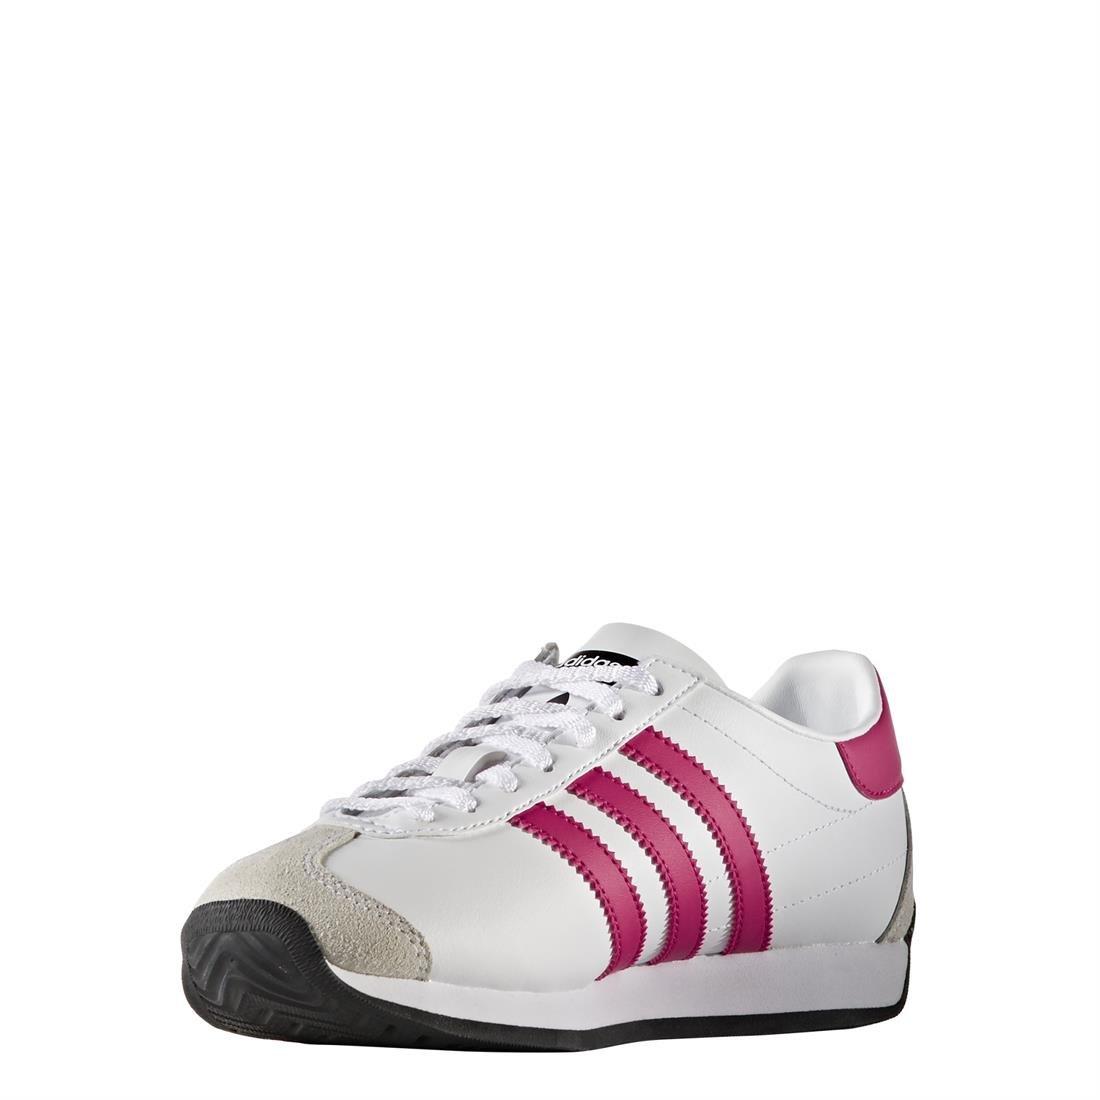 Zapatilla Pays Adidas Jr Ftw / Ro / Ftw T06 nouvelle remise prix livraison gratuite résistant à l'usure Footaction pas cher Livraison gratuite négociables Blg1gQUL3M